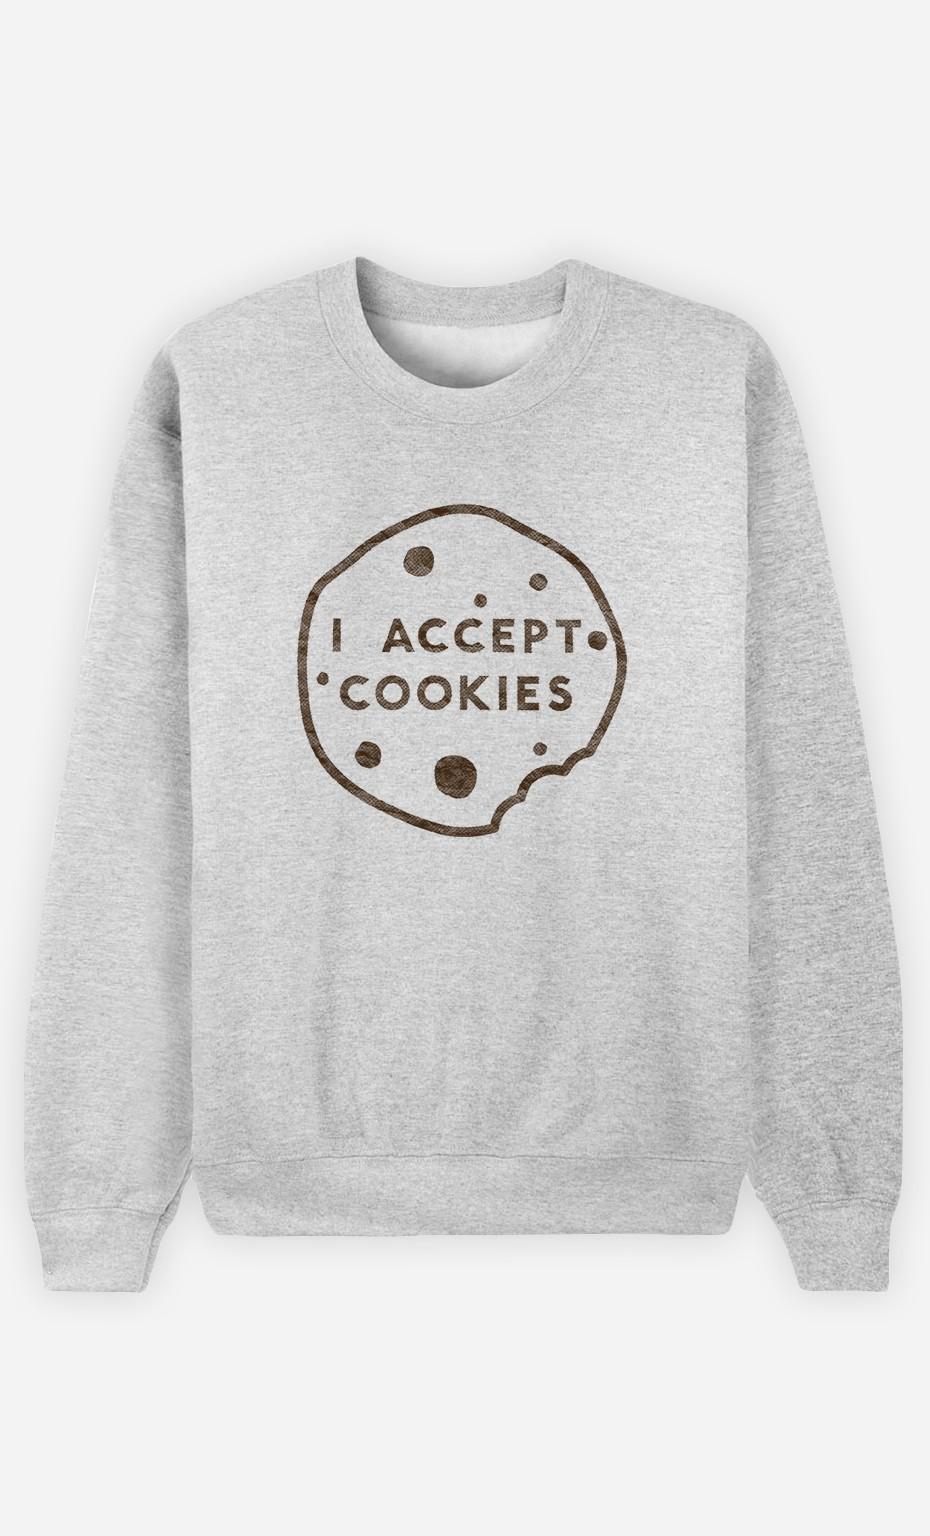 Sweatshirt Homme I accept Cookies